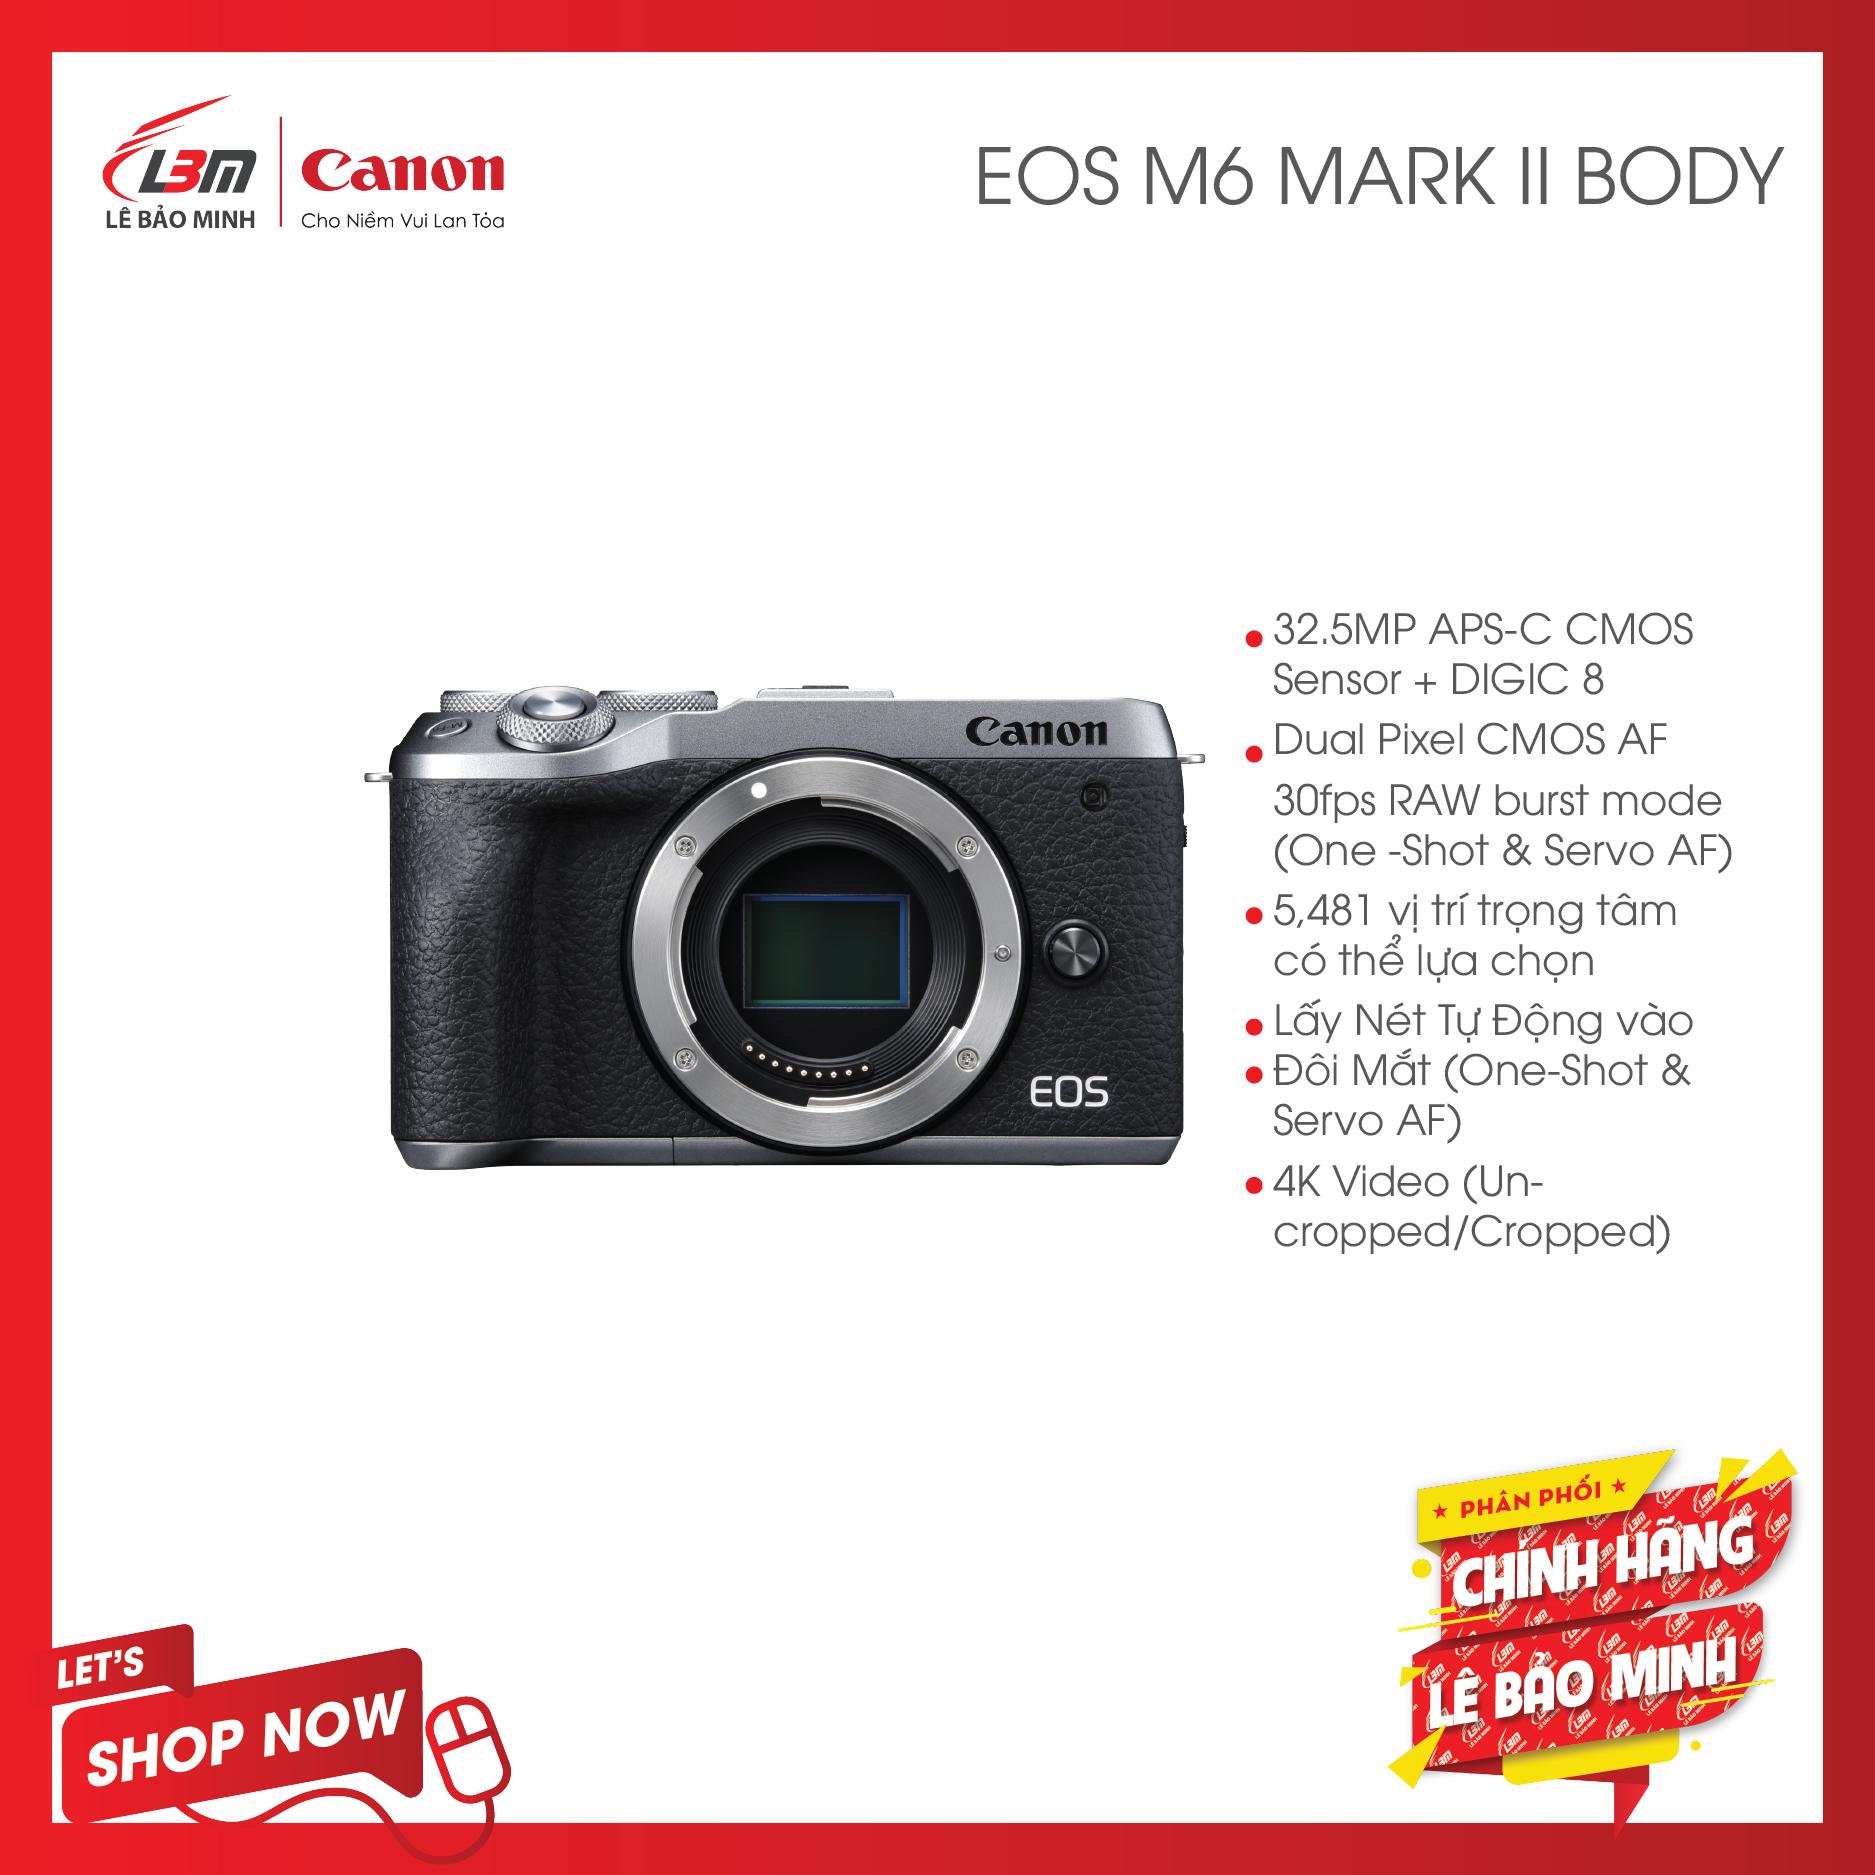 [Trả góp 0%]Máy Ảnh Canon EOS M6 Mark II Body – Hàng Chính Hãng Lê Bảo Minh